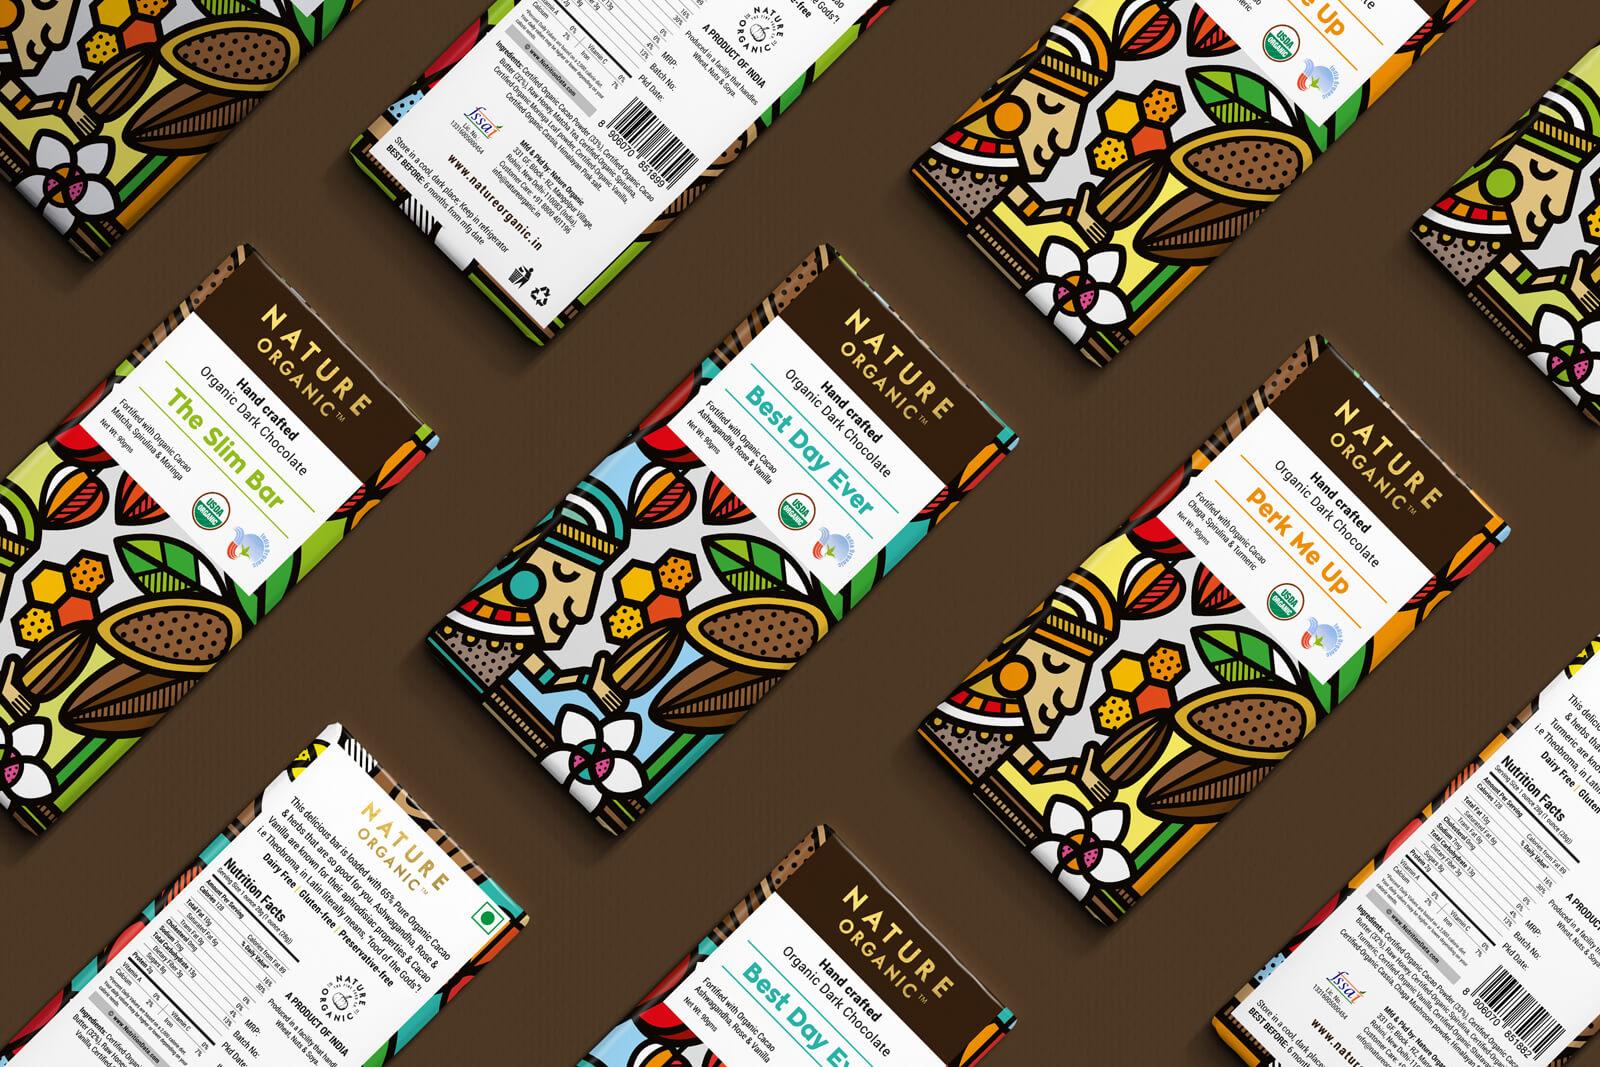 精美的插画元素 Nature Organic手作有机巧克力包装设计